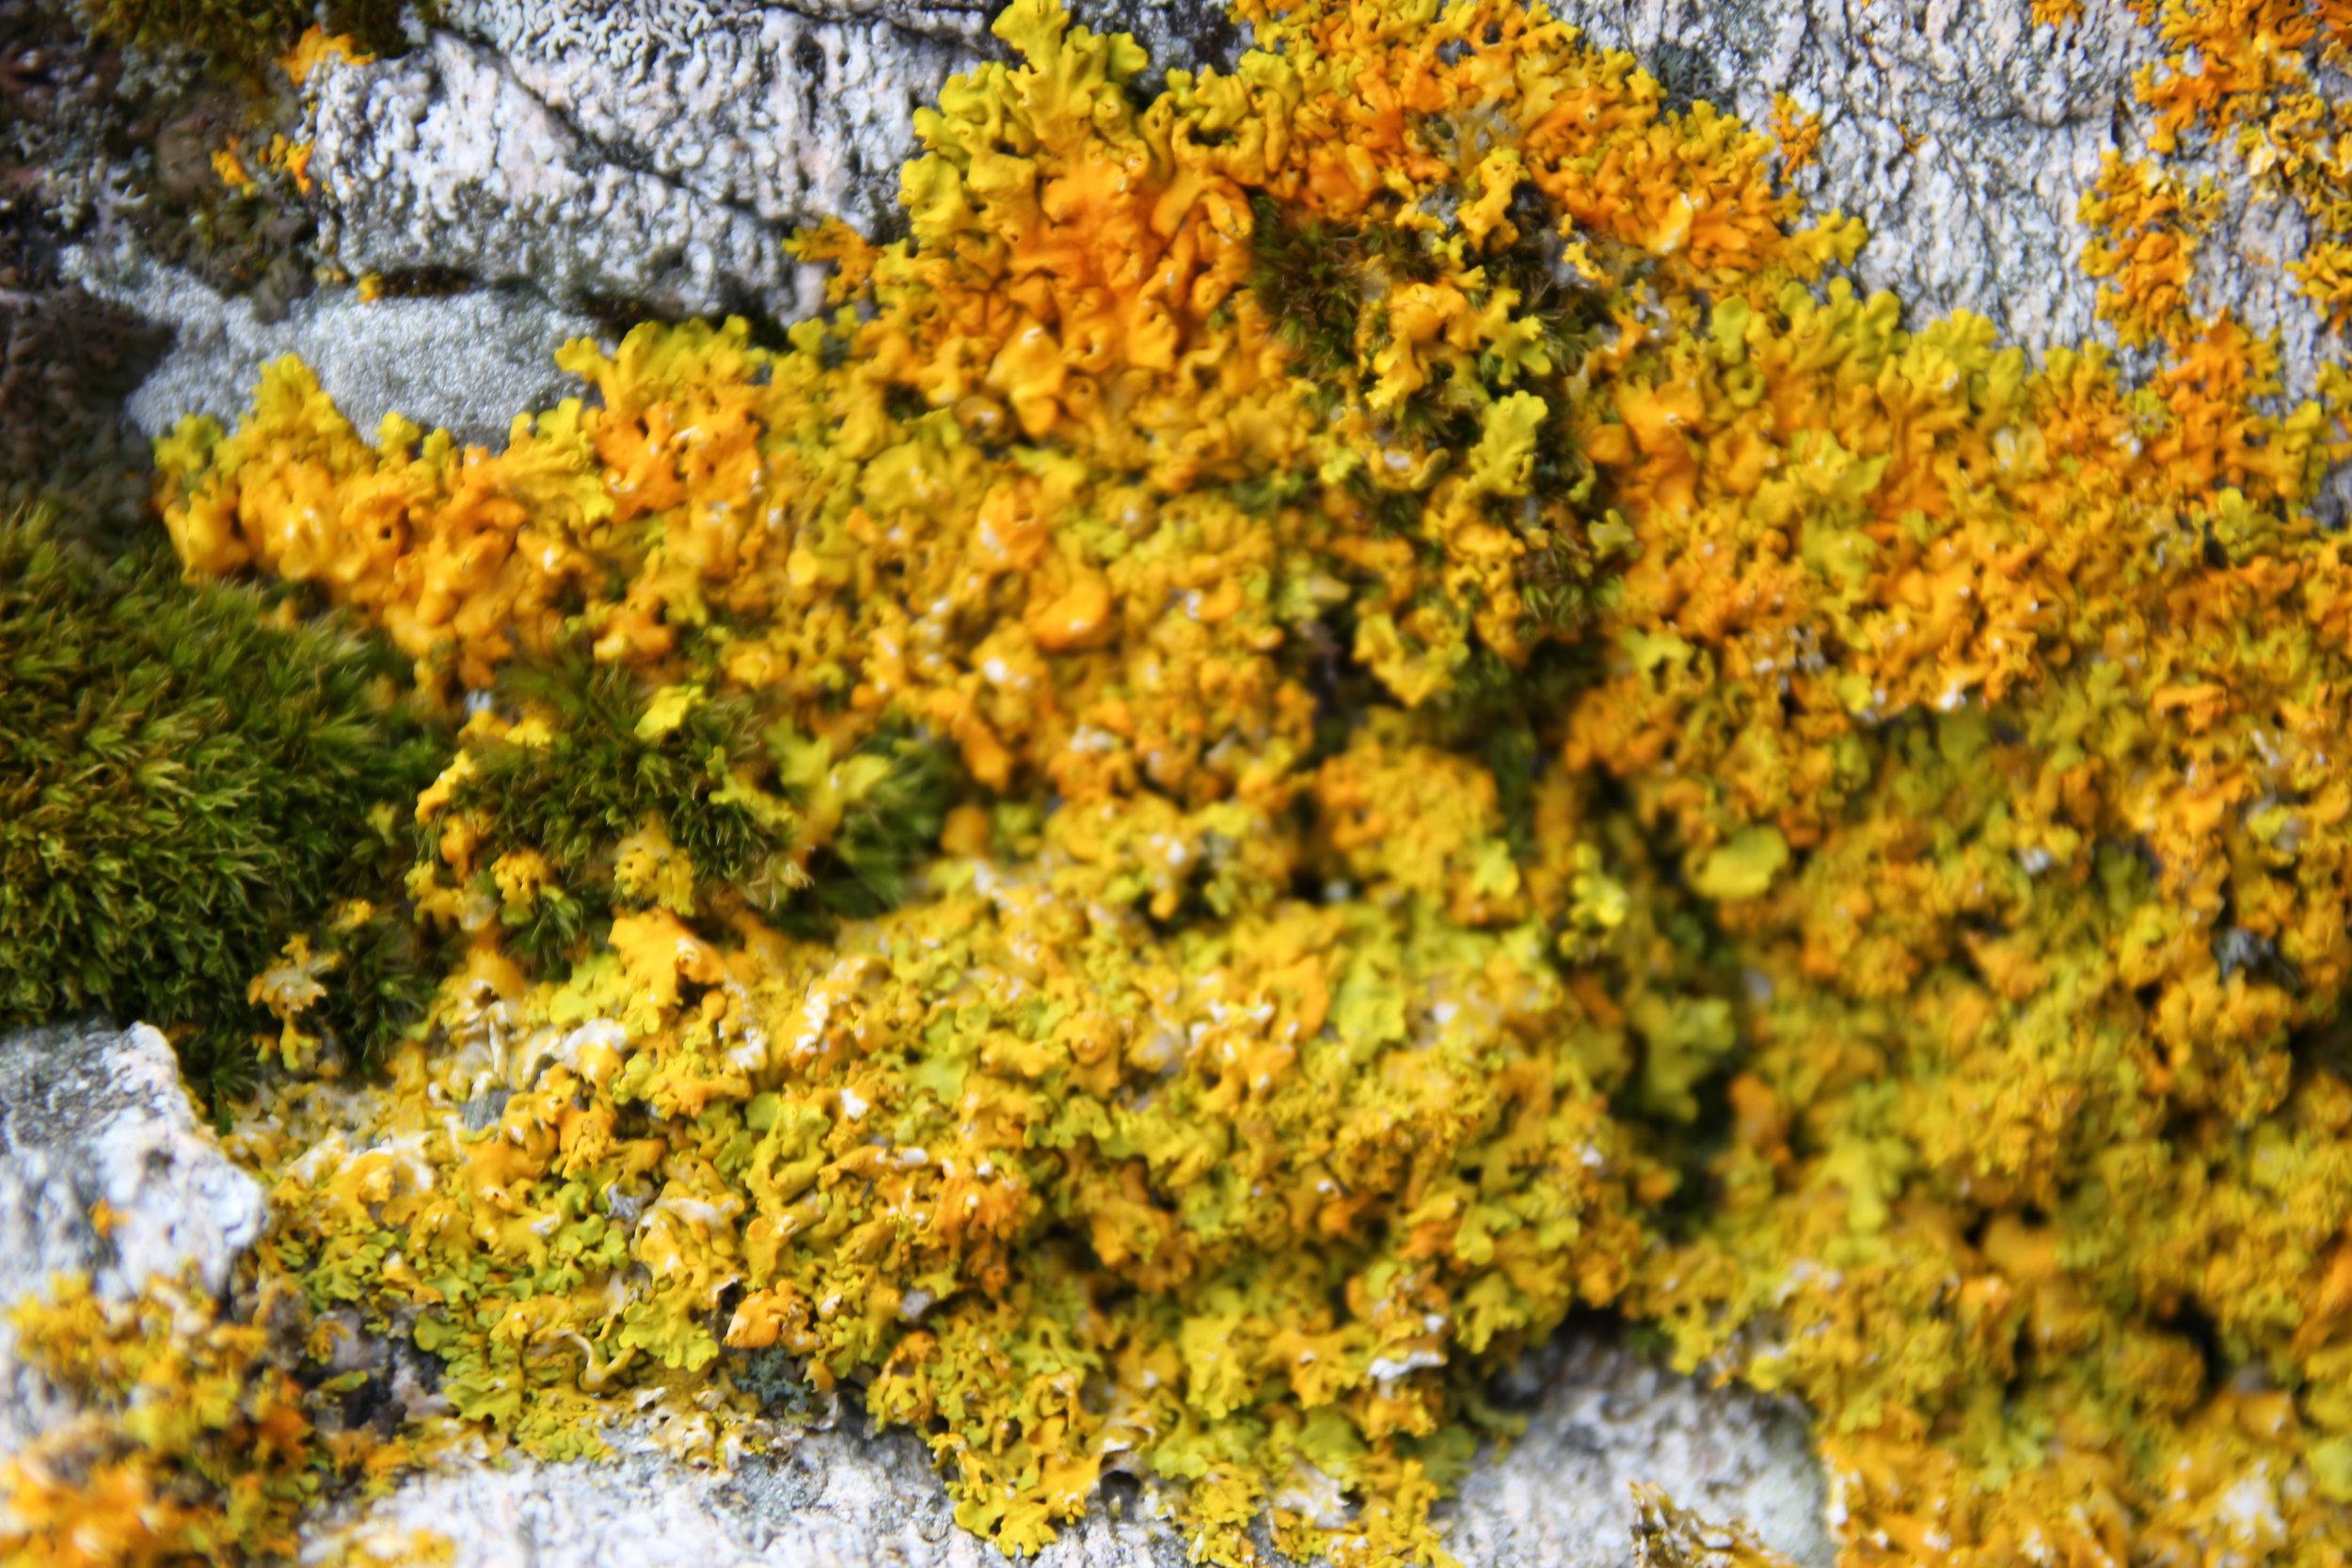 Algae, moss and lichen on rocks.